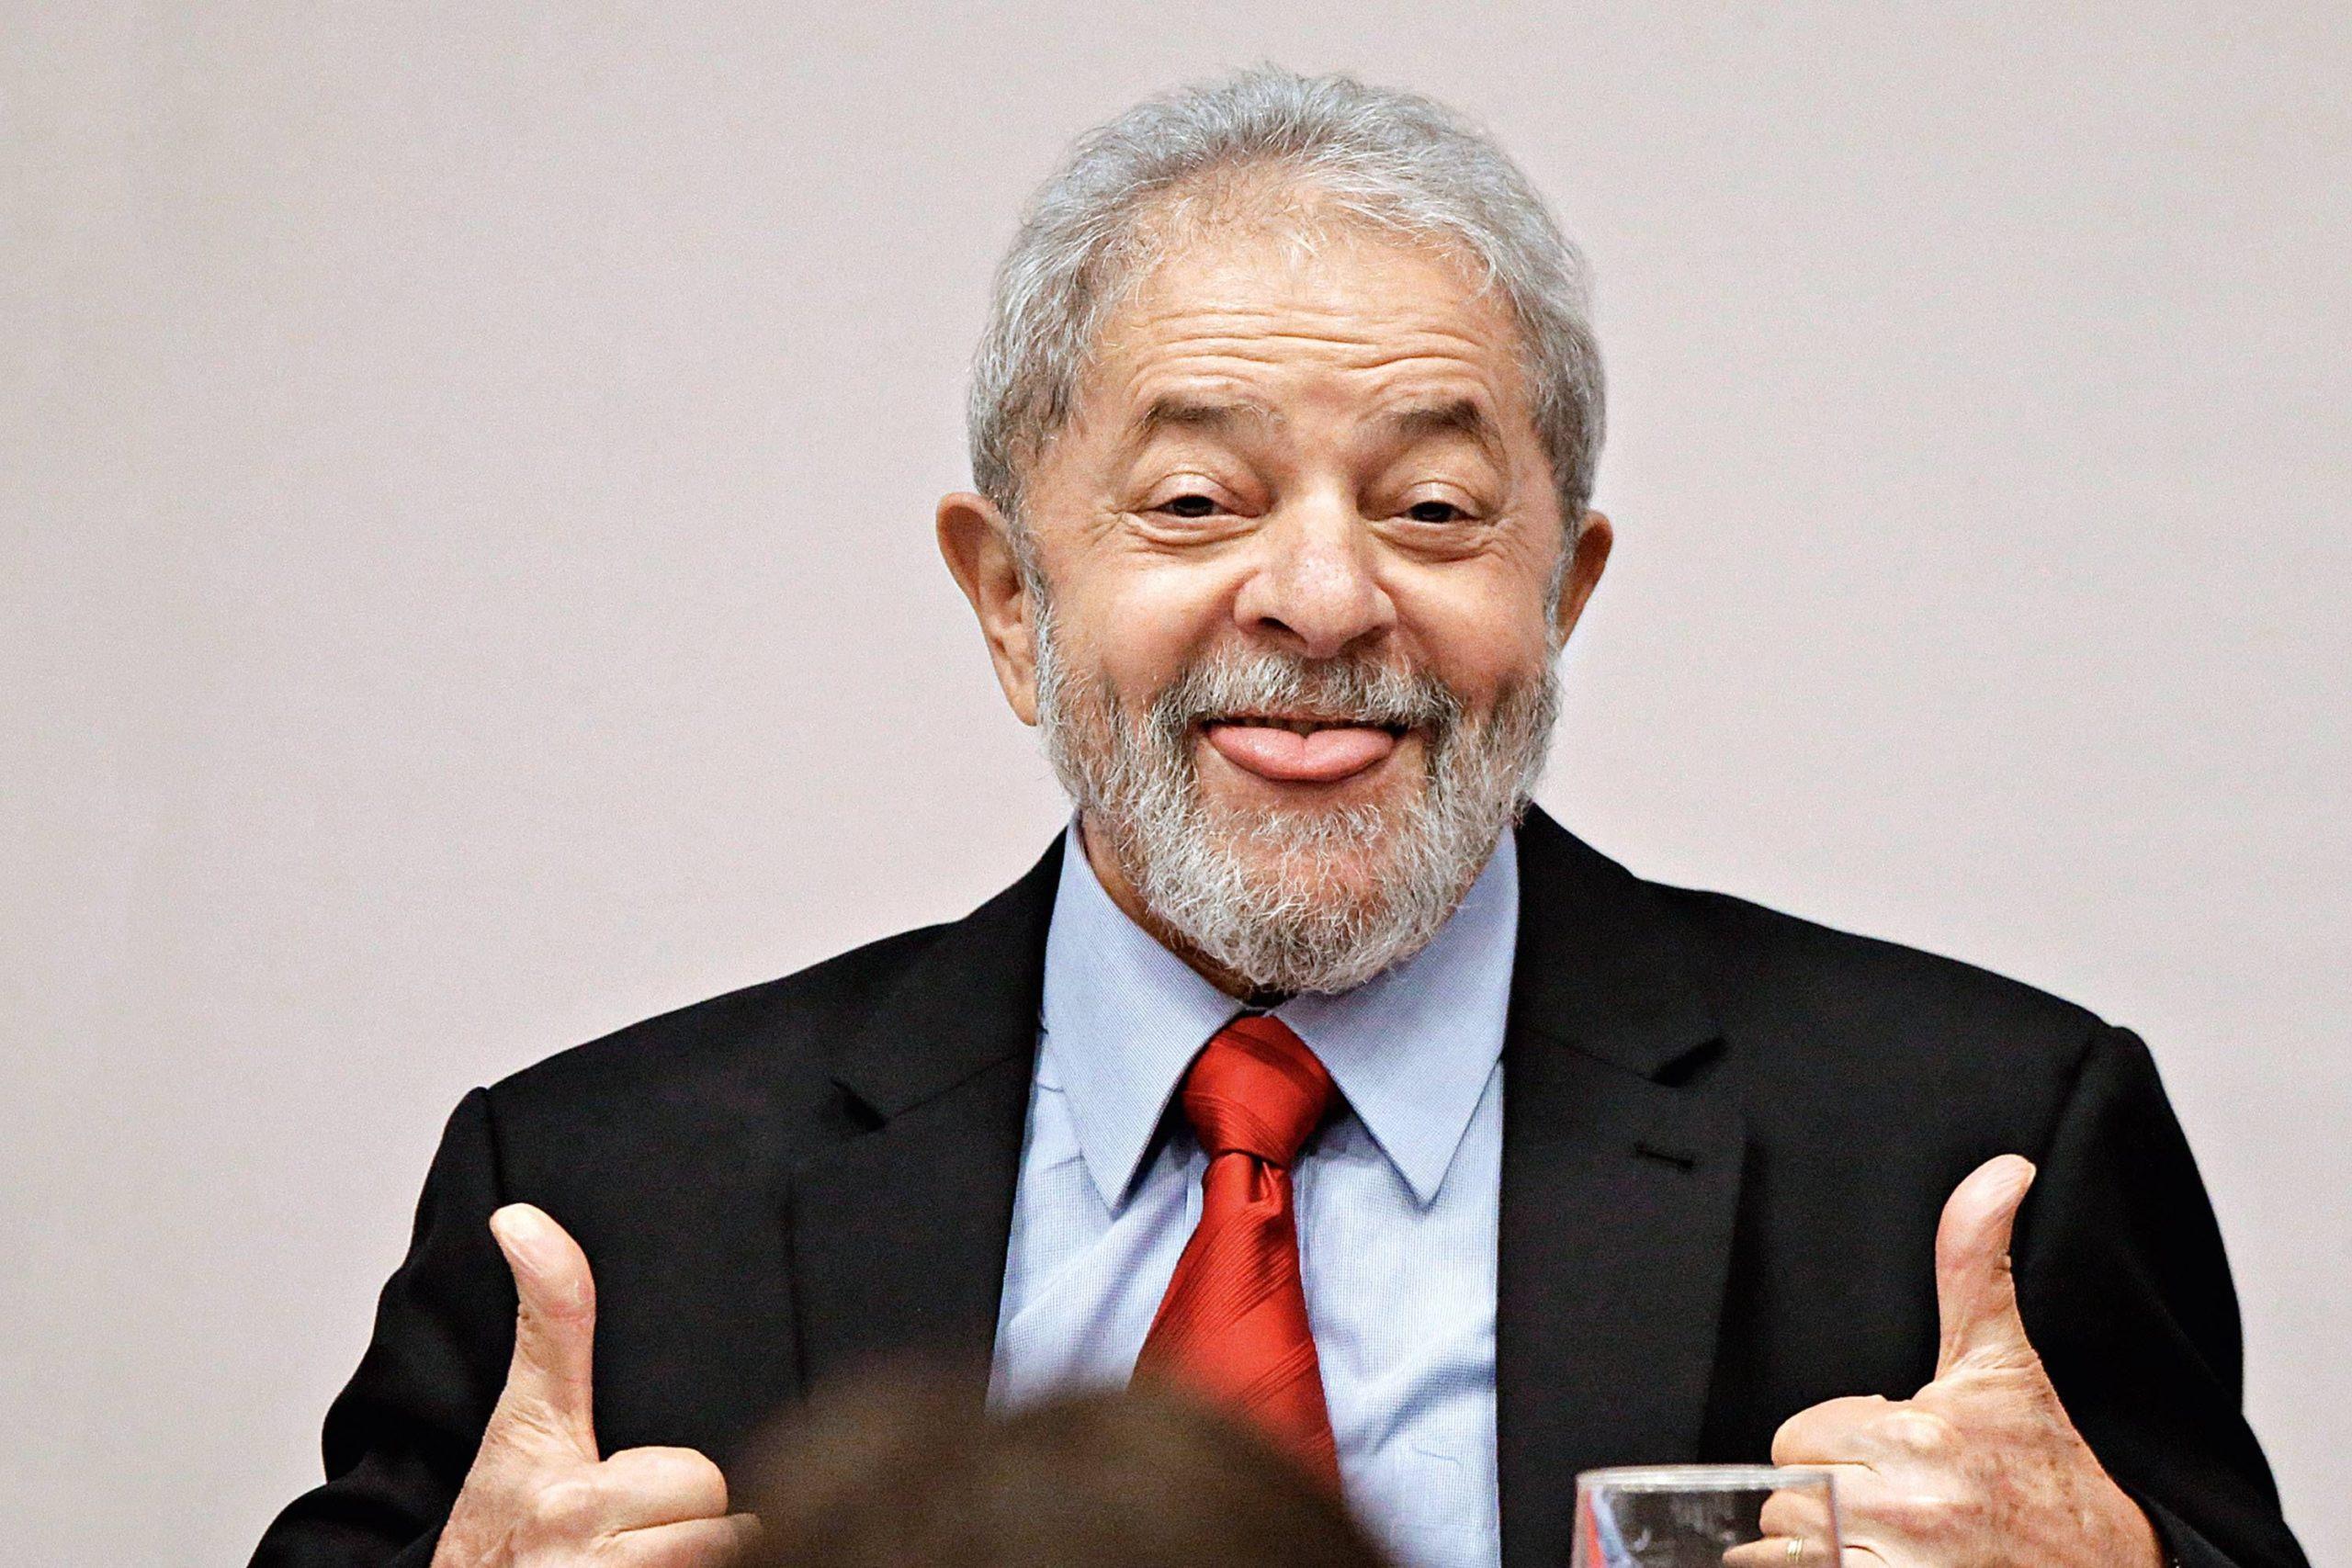 CASO DO SÍTIO DE ATIBAIA | Lula tem recurso negado e pena de 17 anos mantida pelo TRF-4